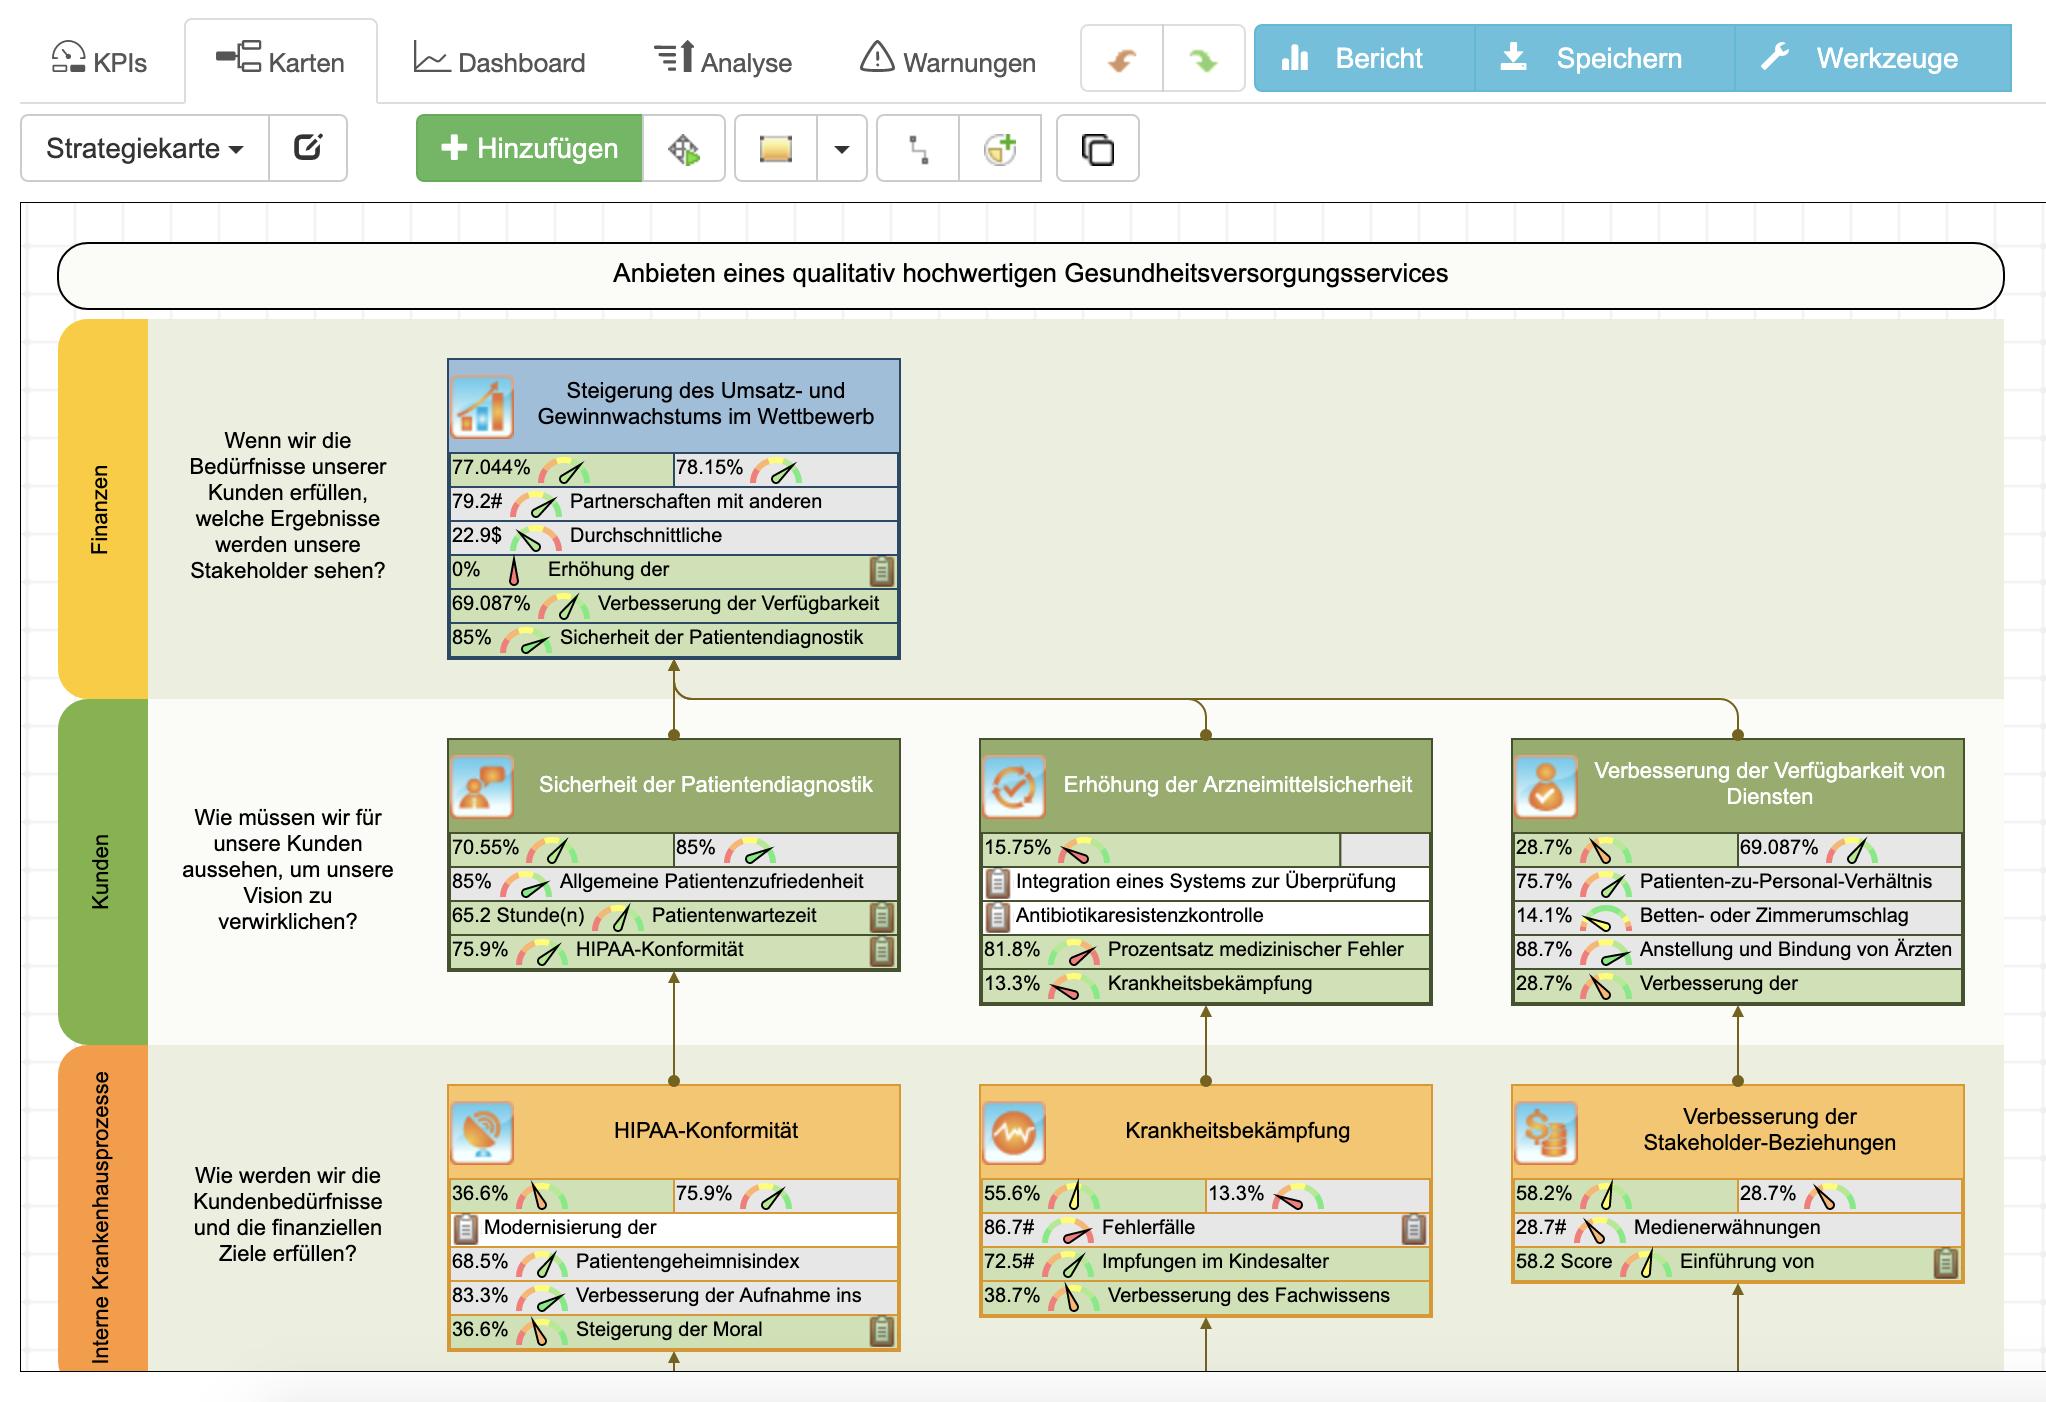 Beispiele für die Balanced Scorecard-Strategiekarte für Krankenhäuser